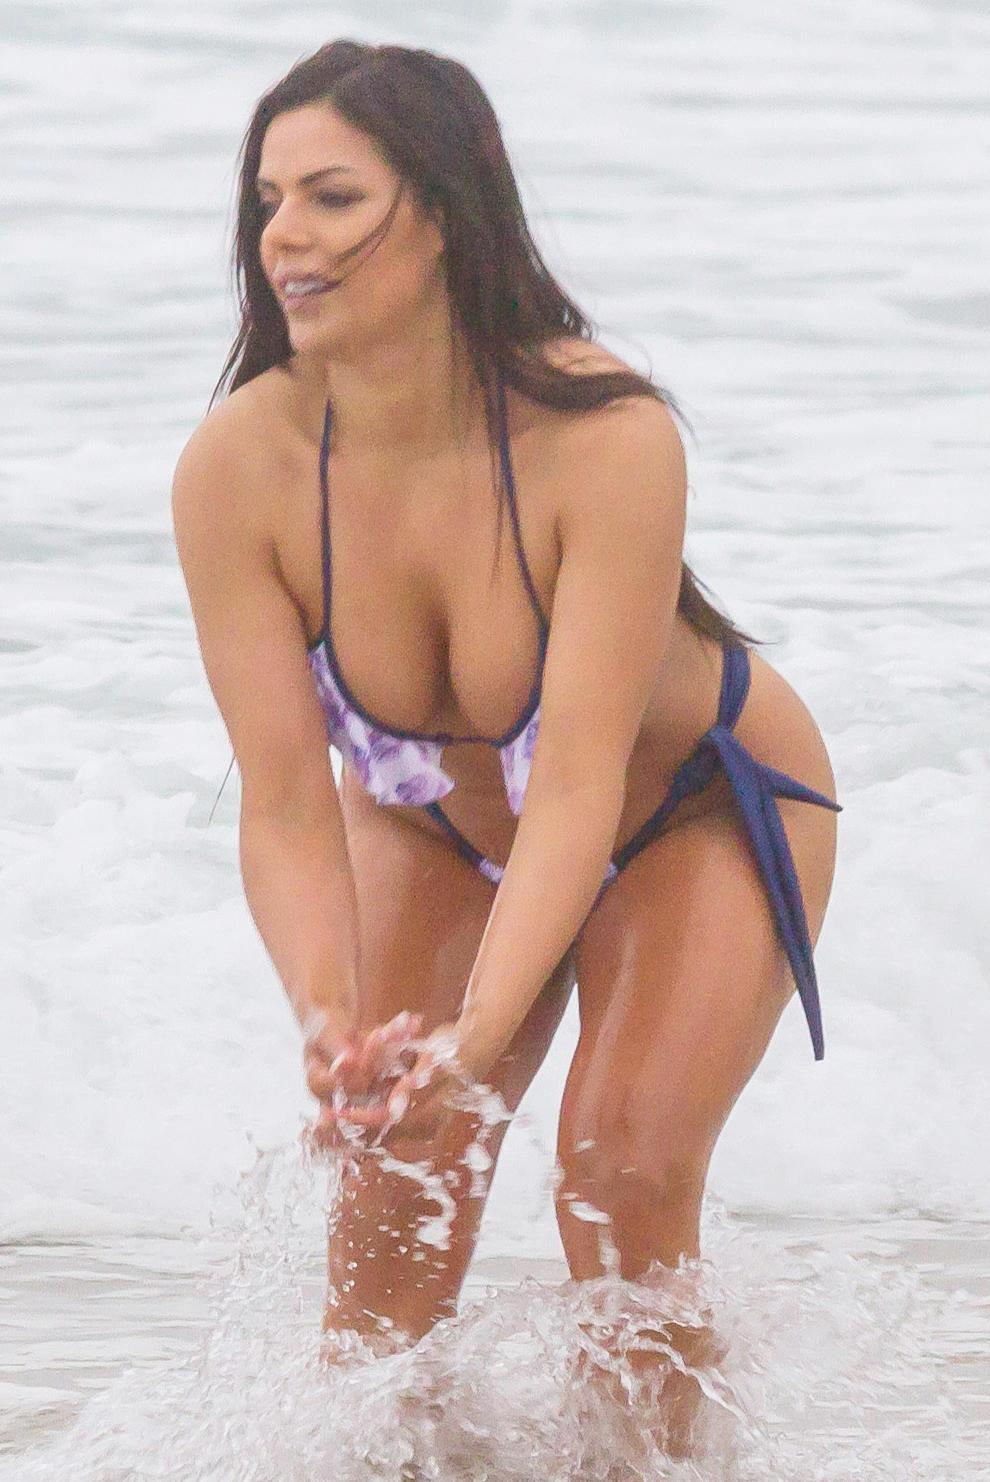 Girl masturbating pics